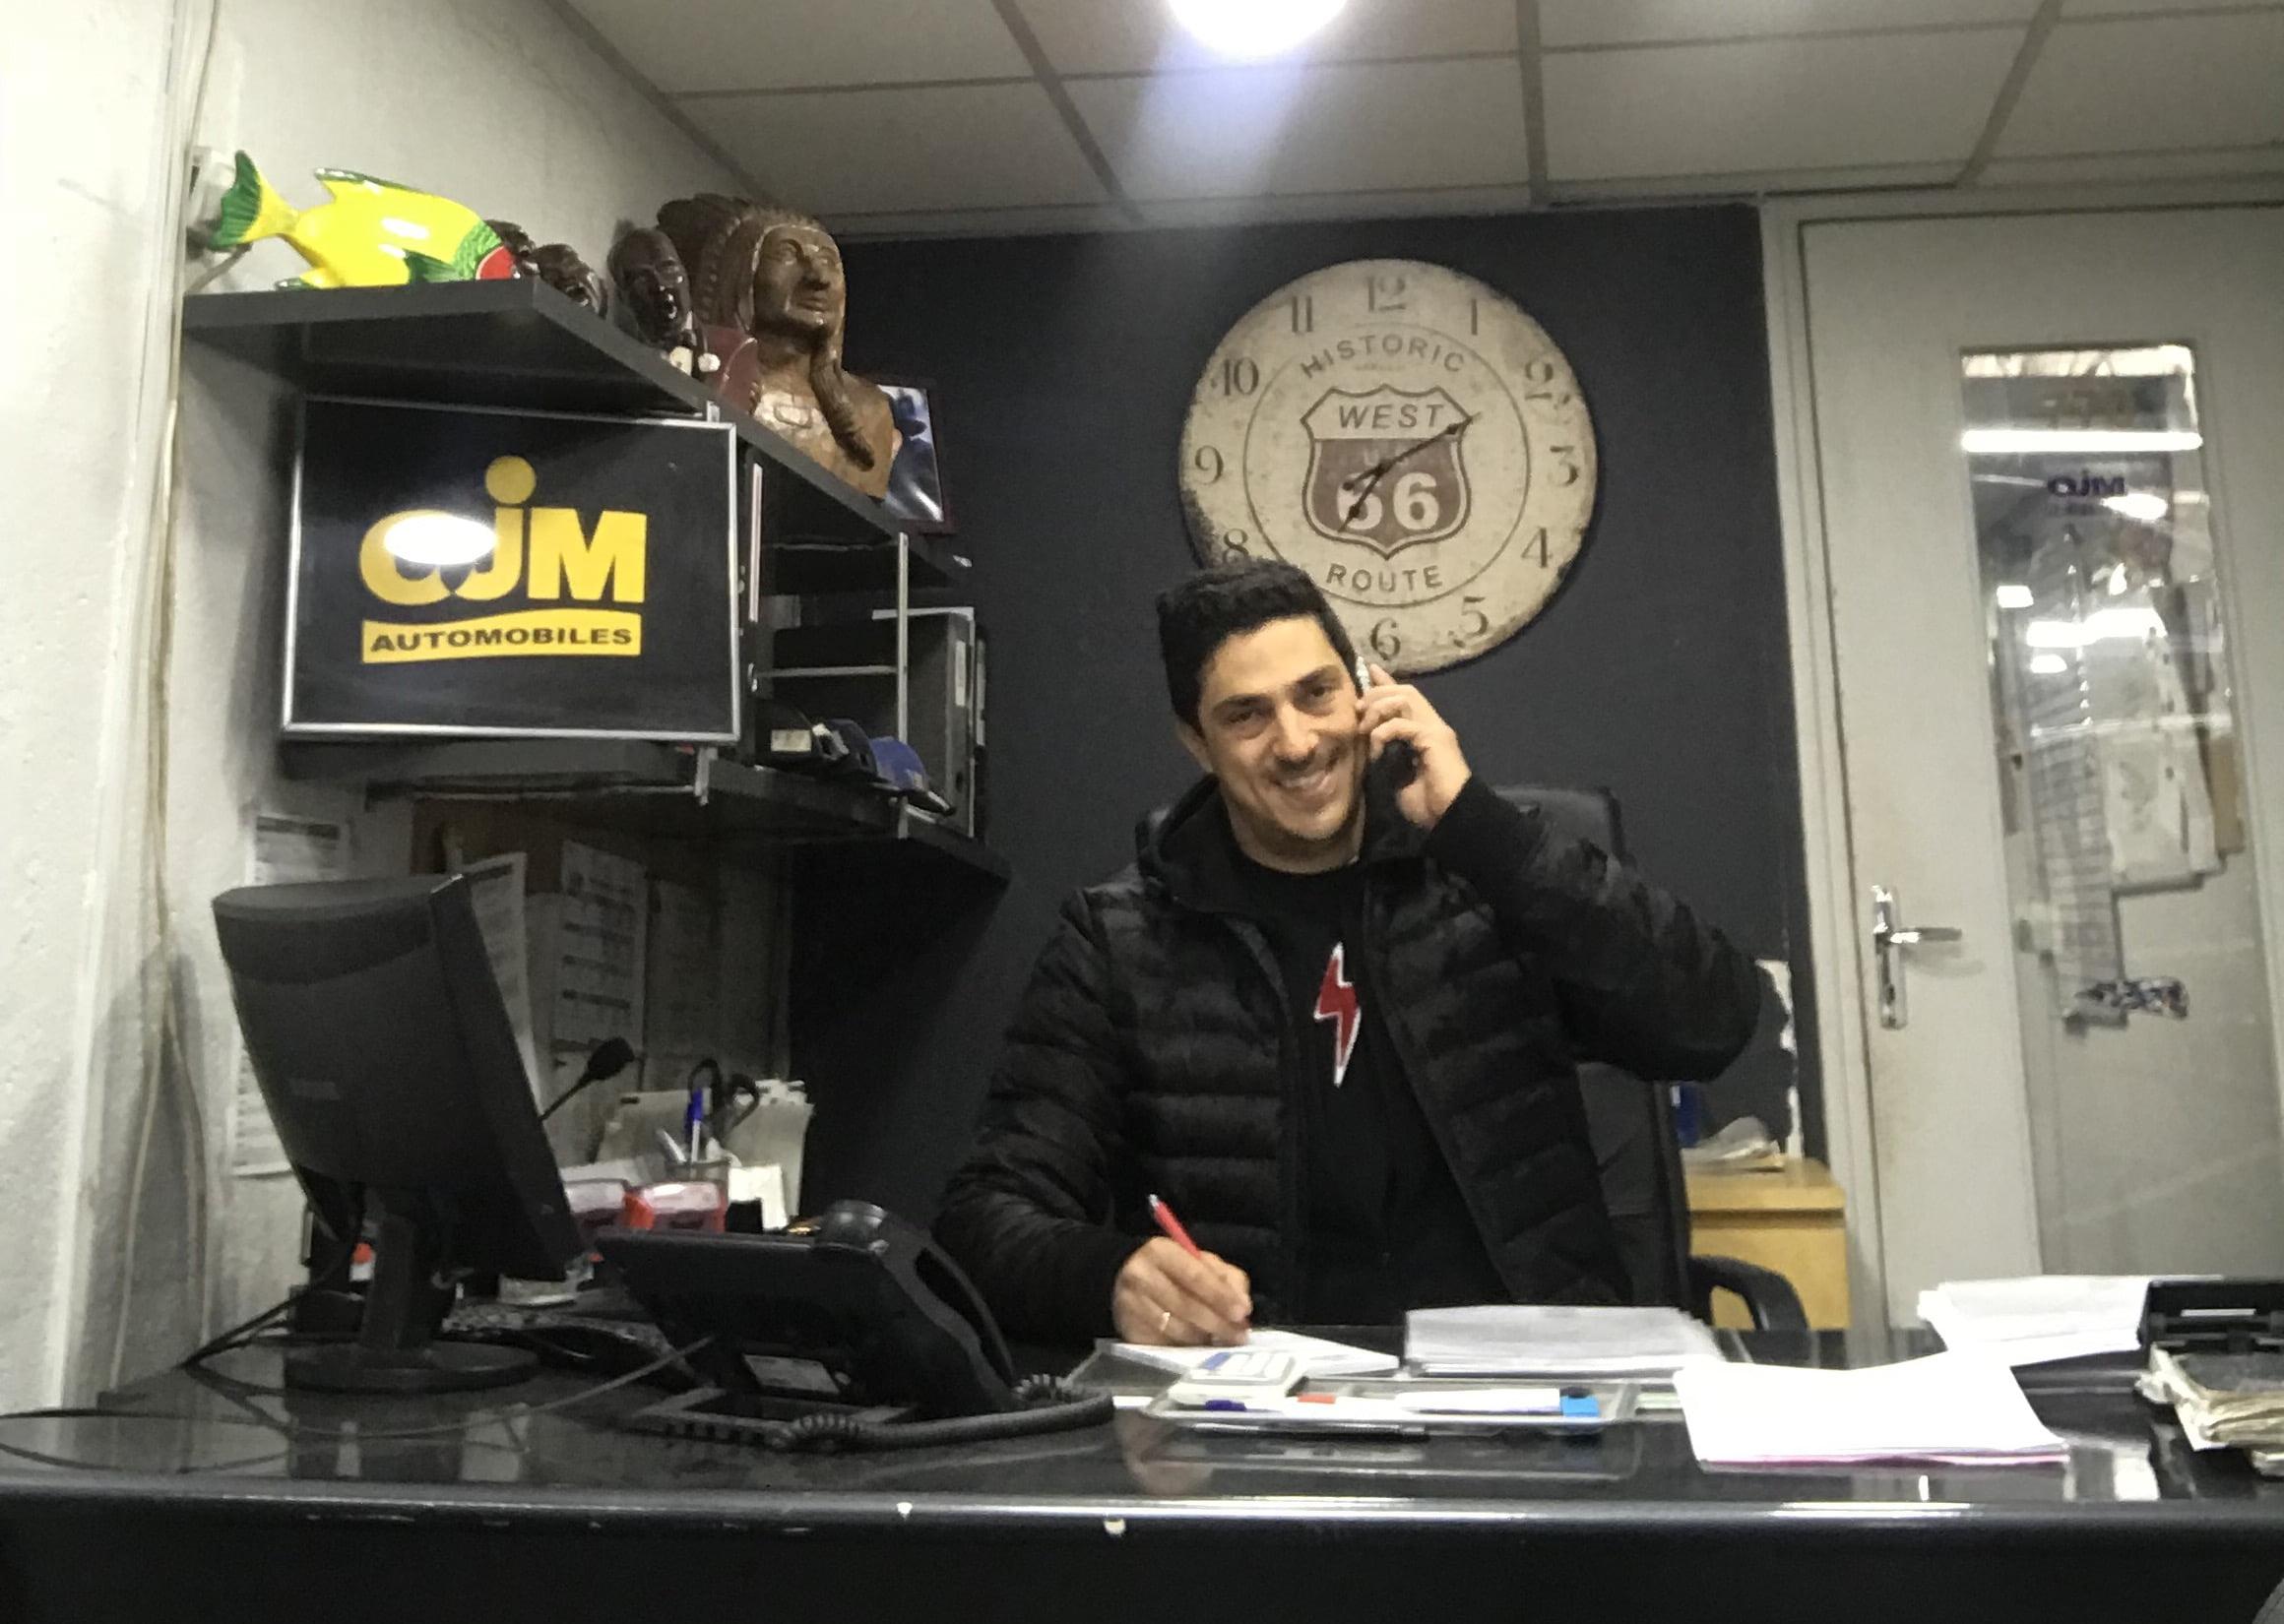 OJM Automobiles objectif zéro dépense pour ses clients